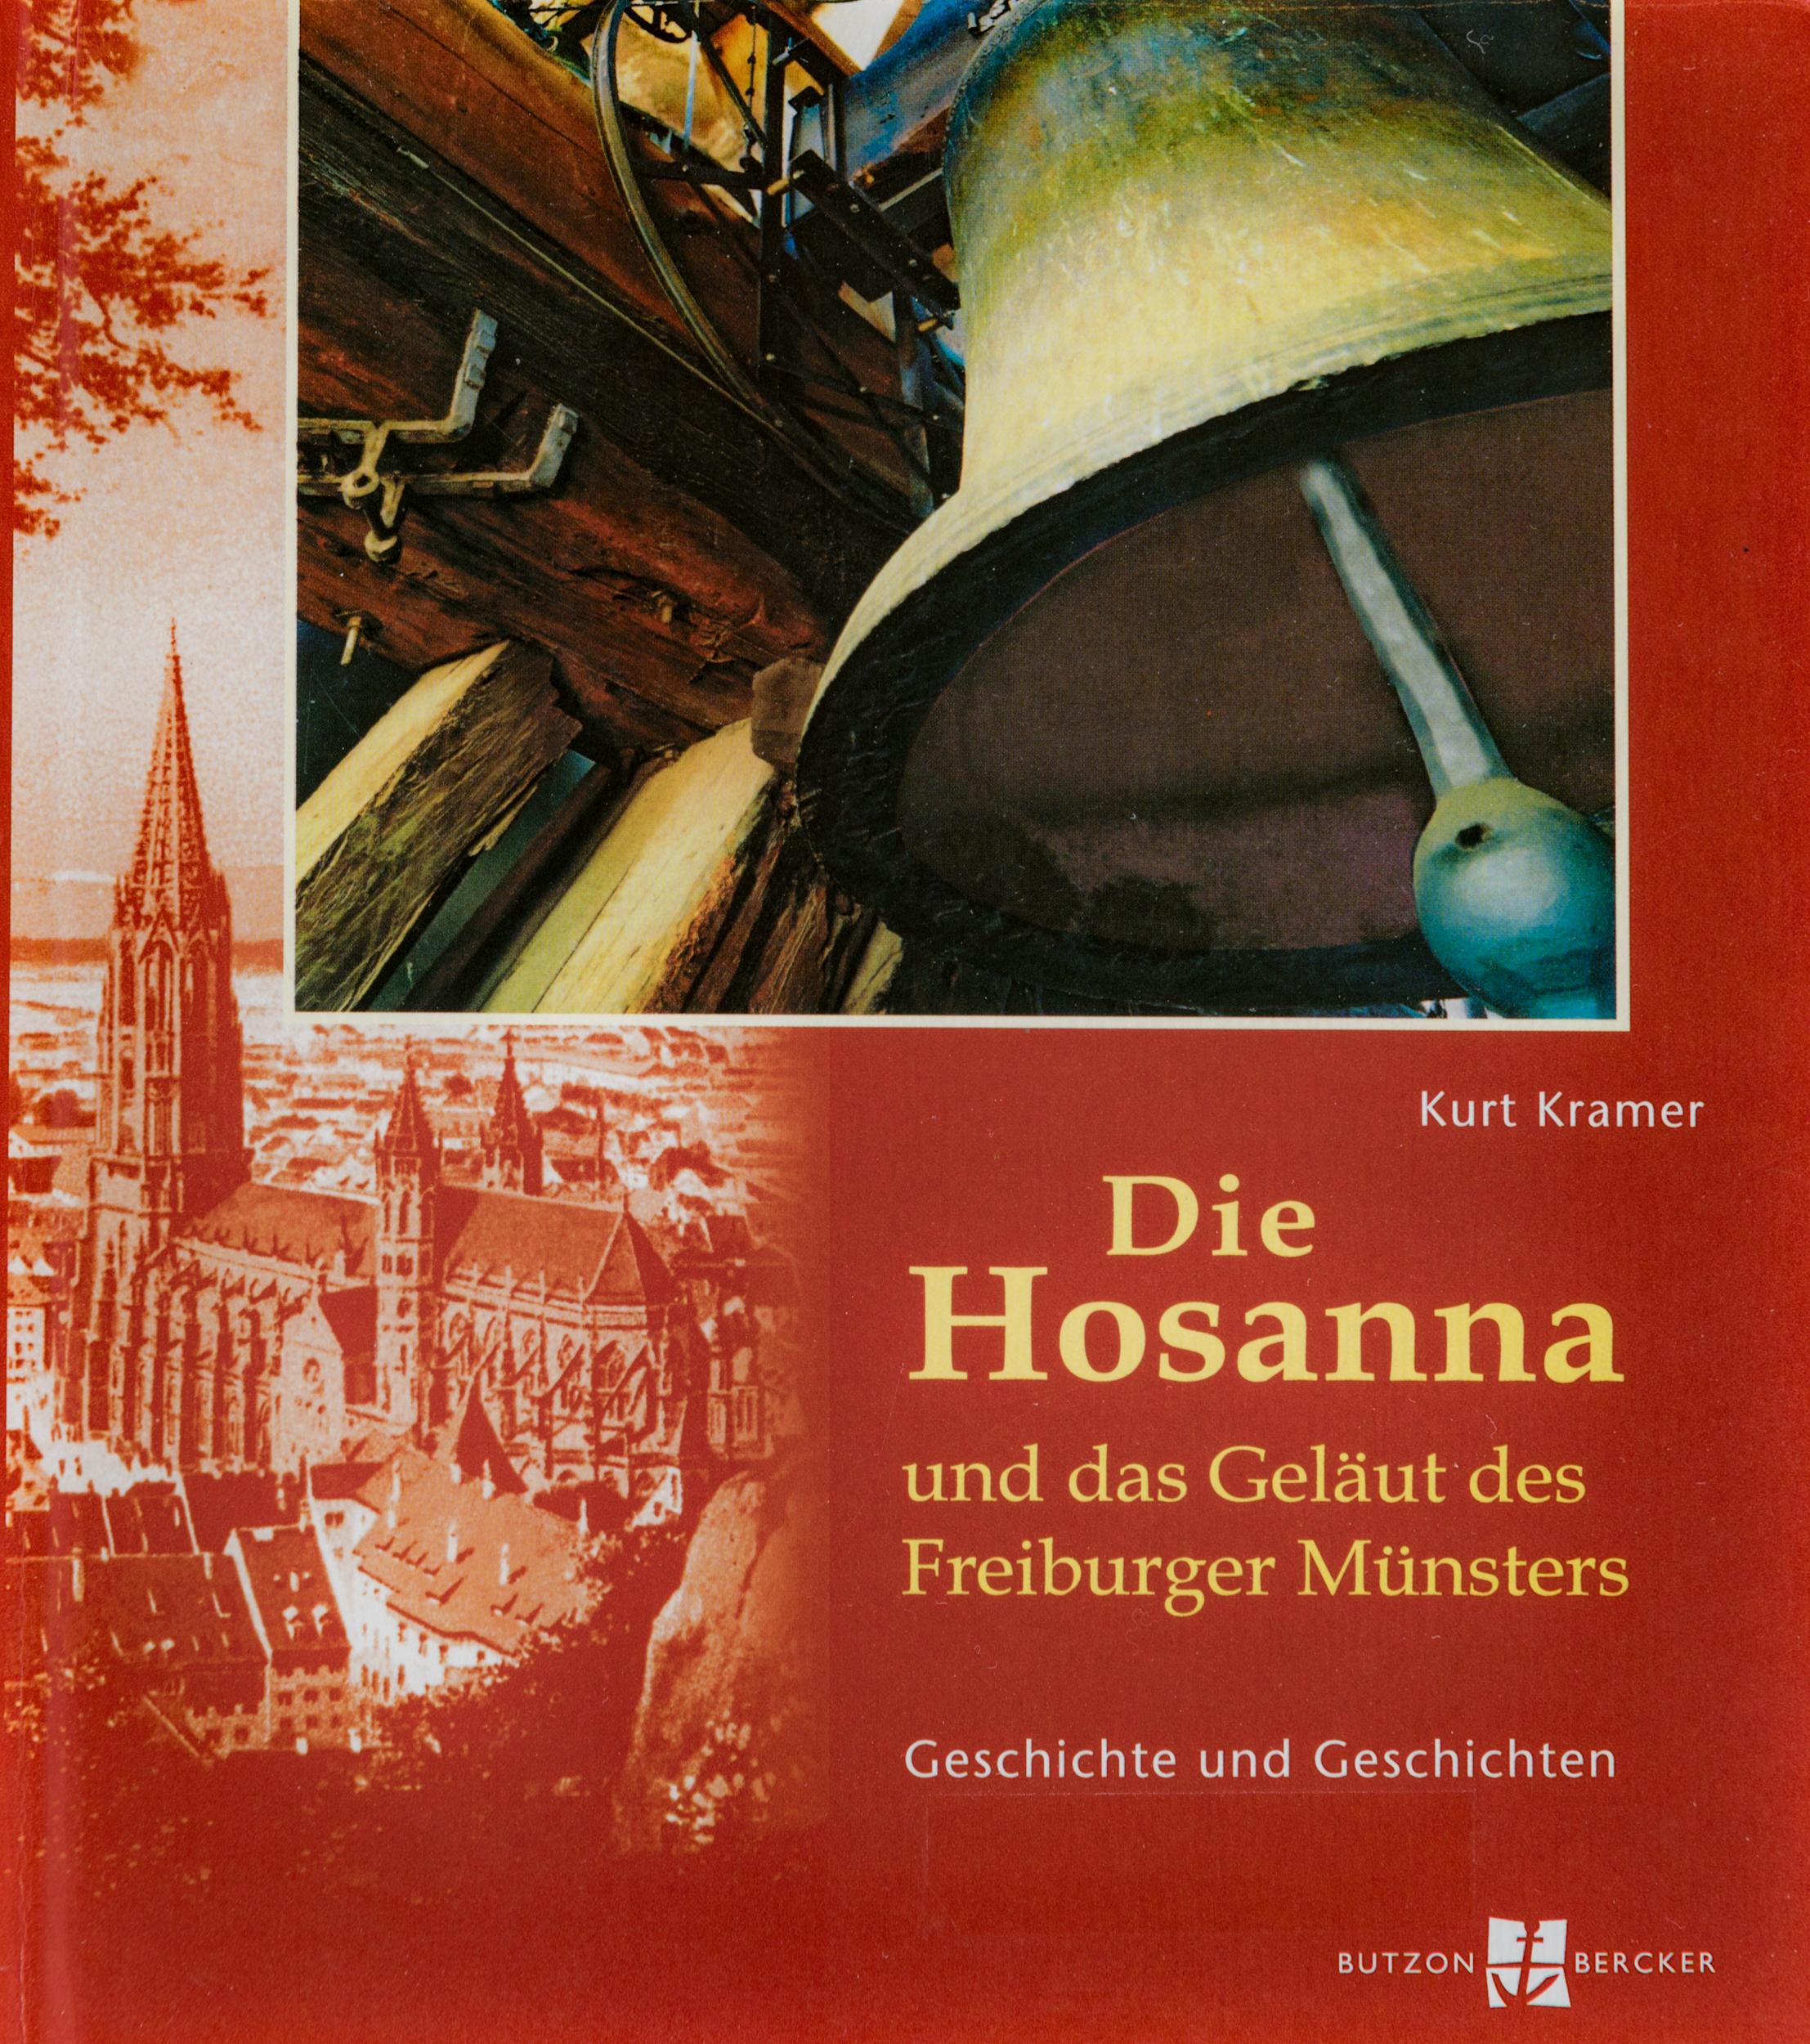 Münsterladen Freiburg Buch Geschenk Die Hosanna Glocken des Freiburger Münsters